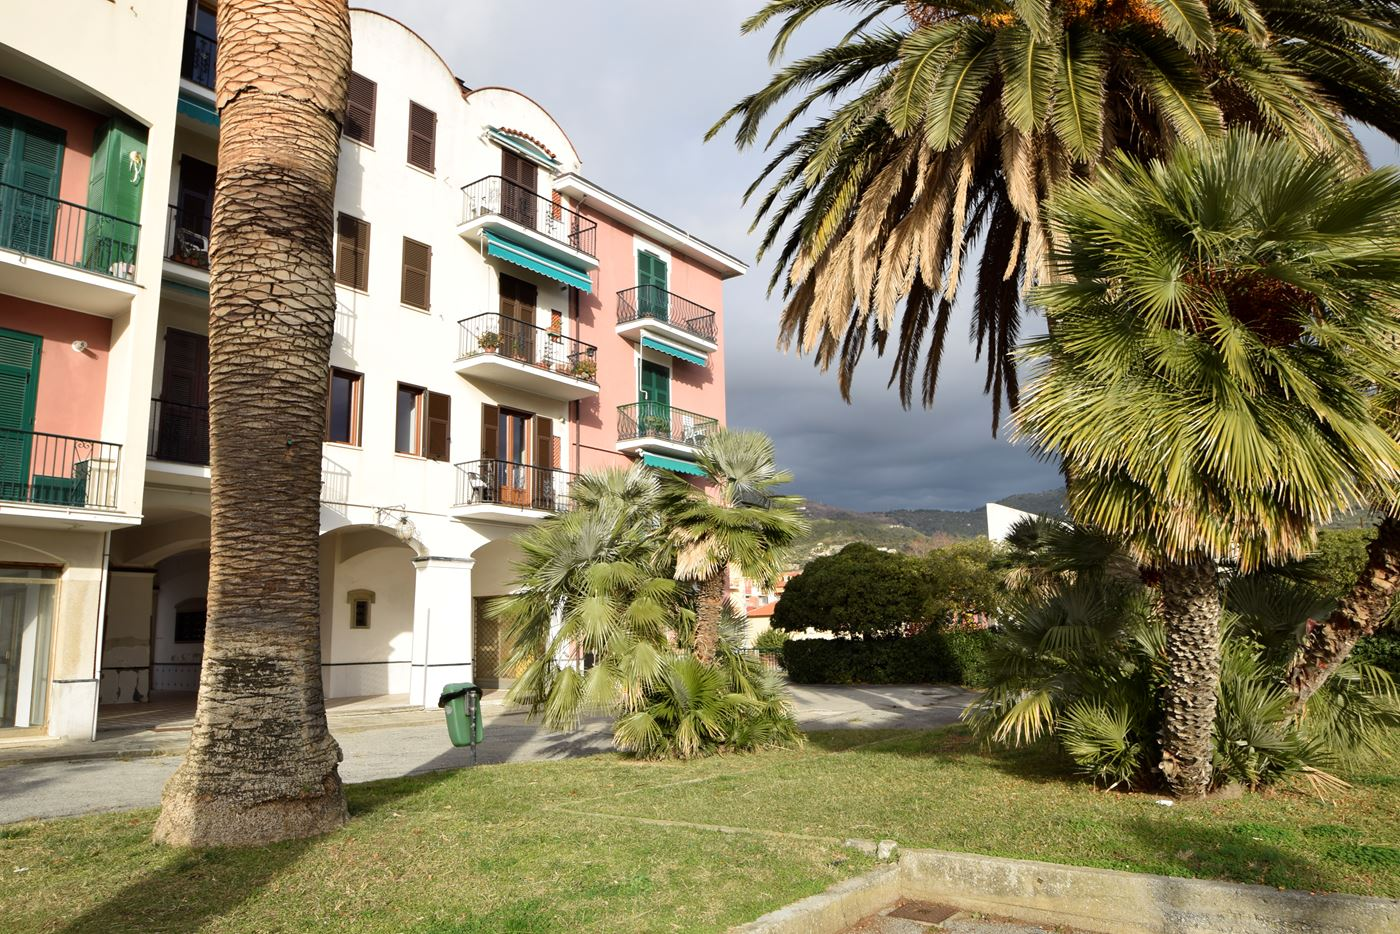 Casa vacanza in affitto spotorno fronte mare rondini a - Regione liguria piano casa ...